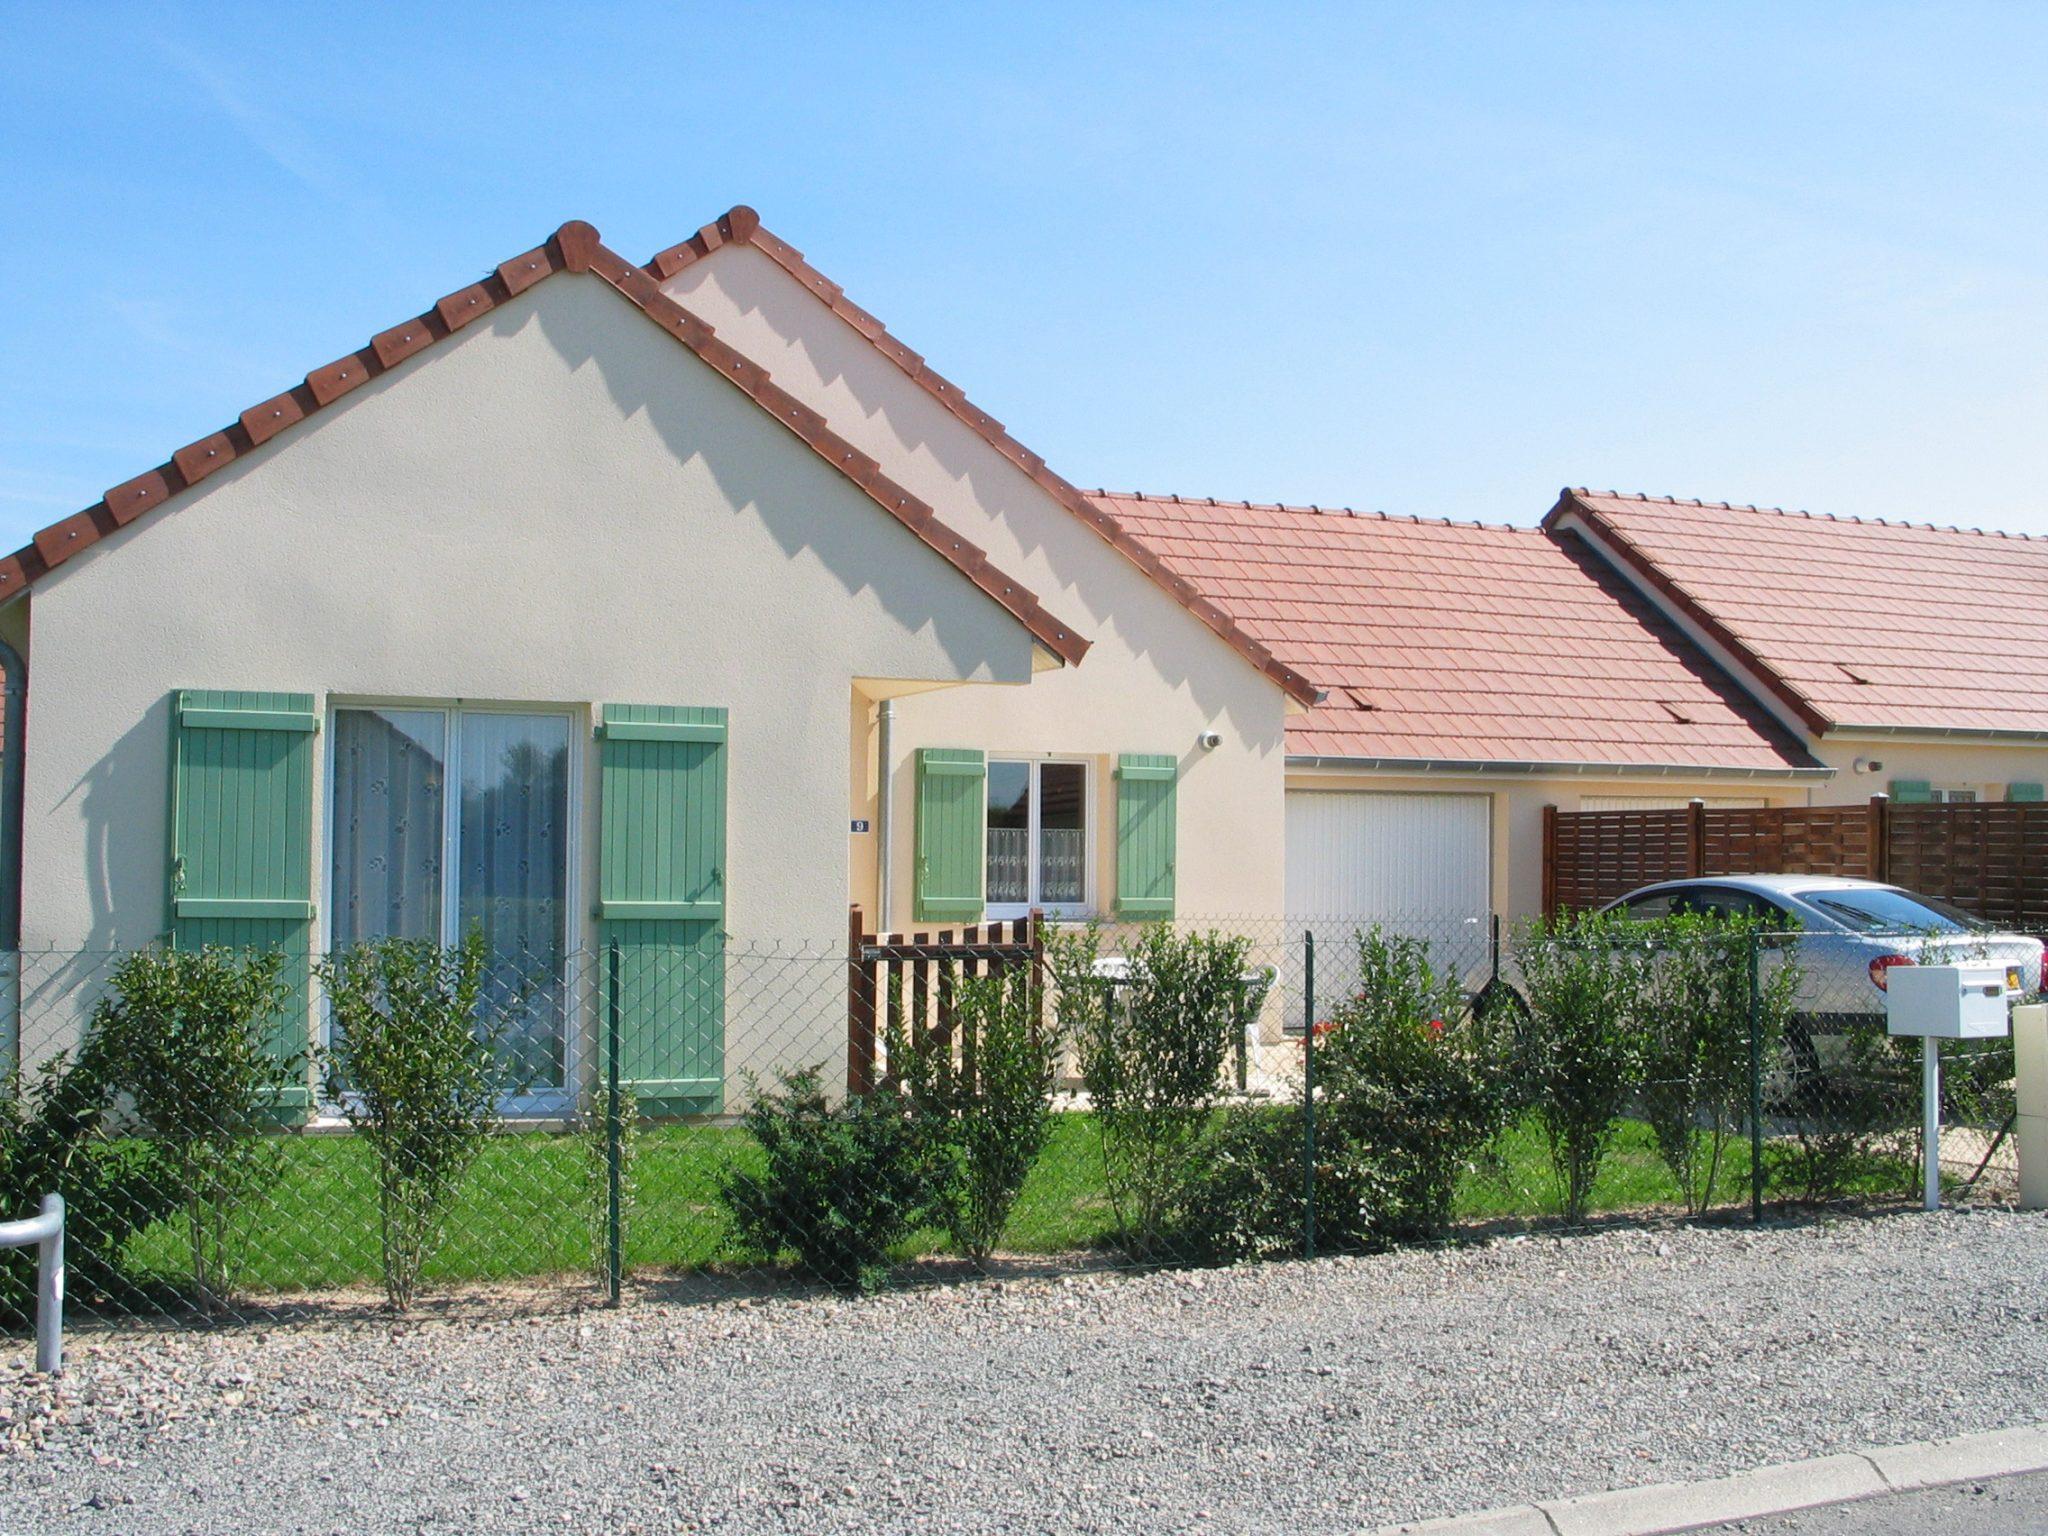 RUE DU LOT. DU CENTRE CULTUREL, Cercy-la-Tour, 58340, Pavillon, Patrimoine 1755